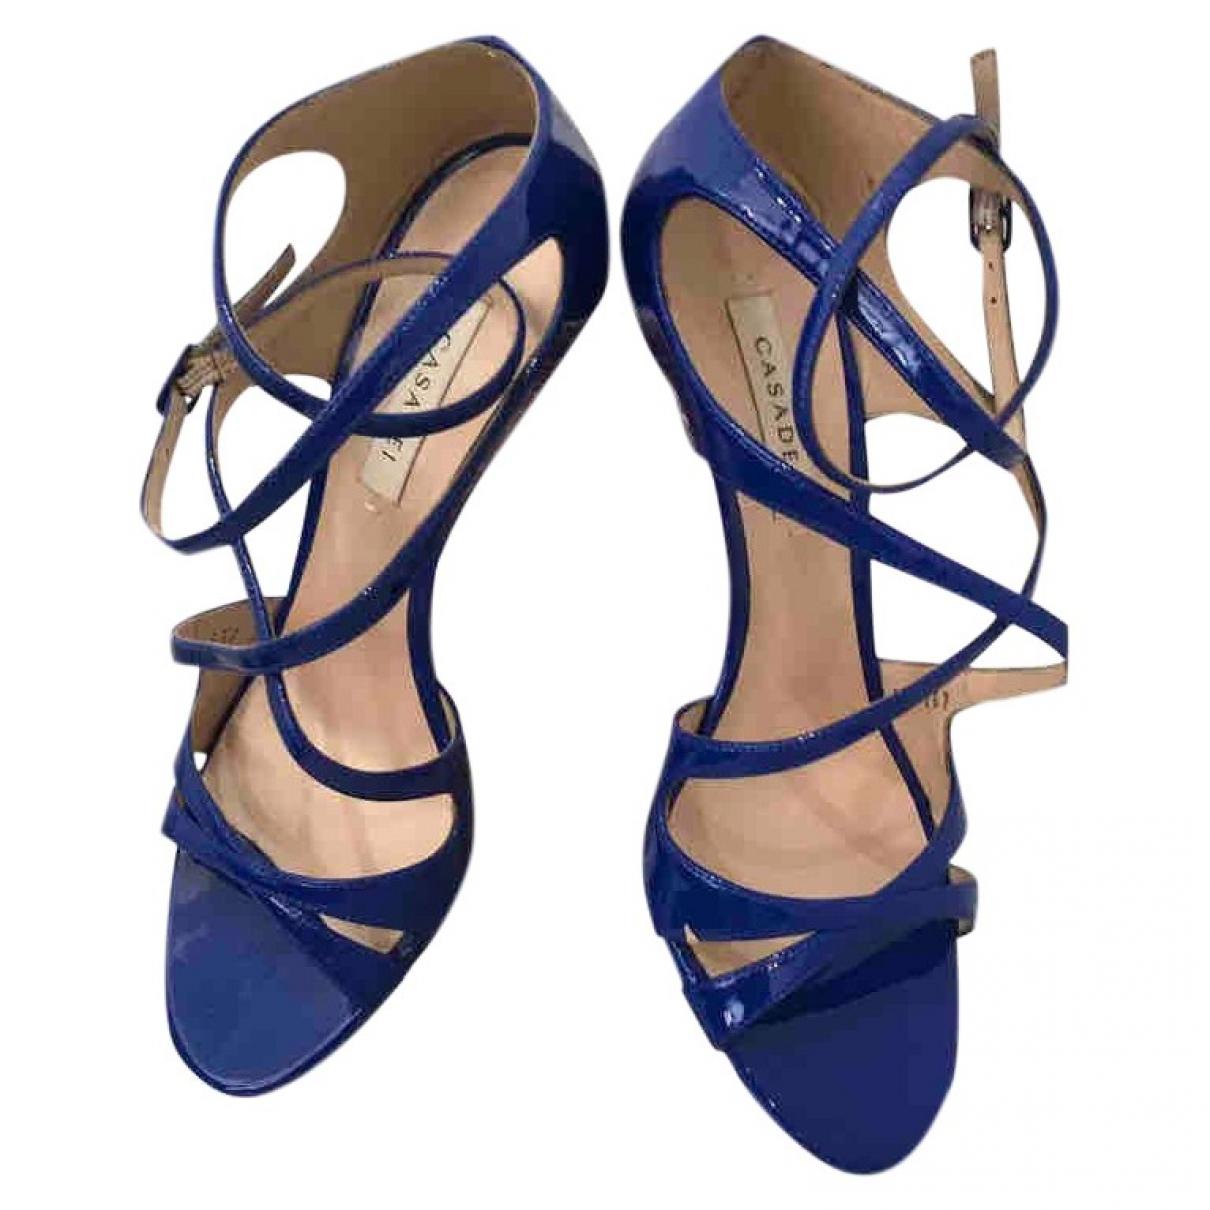 Casadei - Sandales   pour femme en cuir verni - bleu